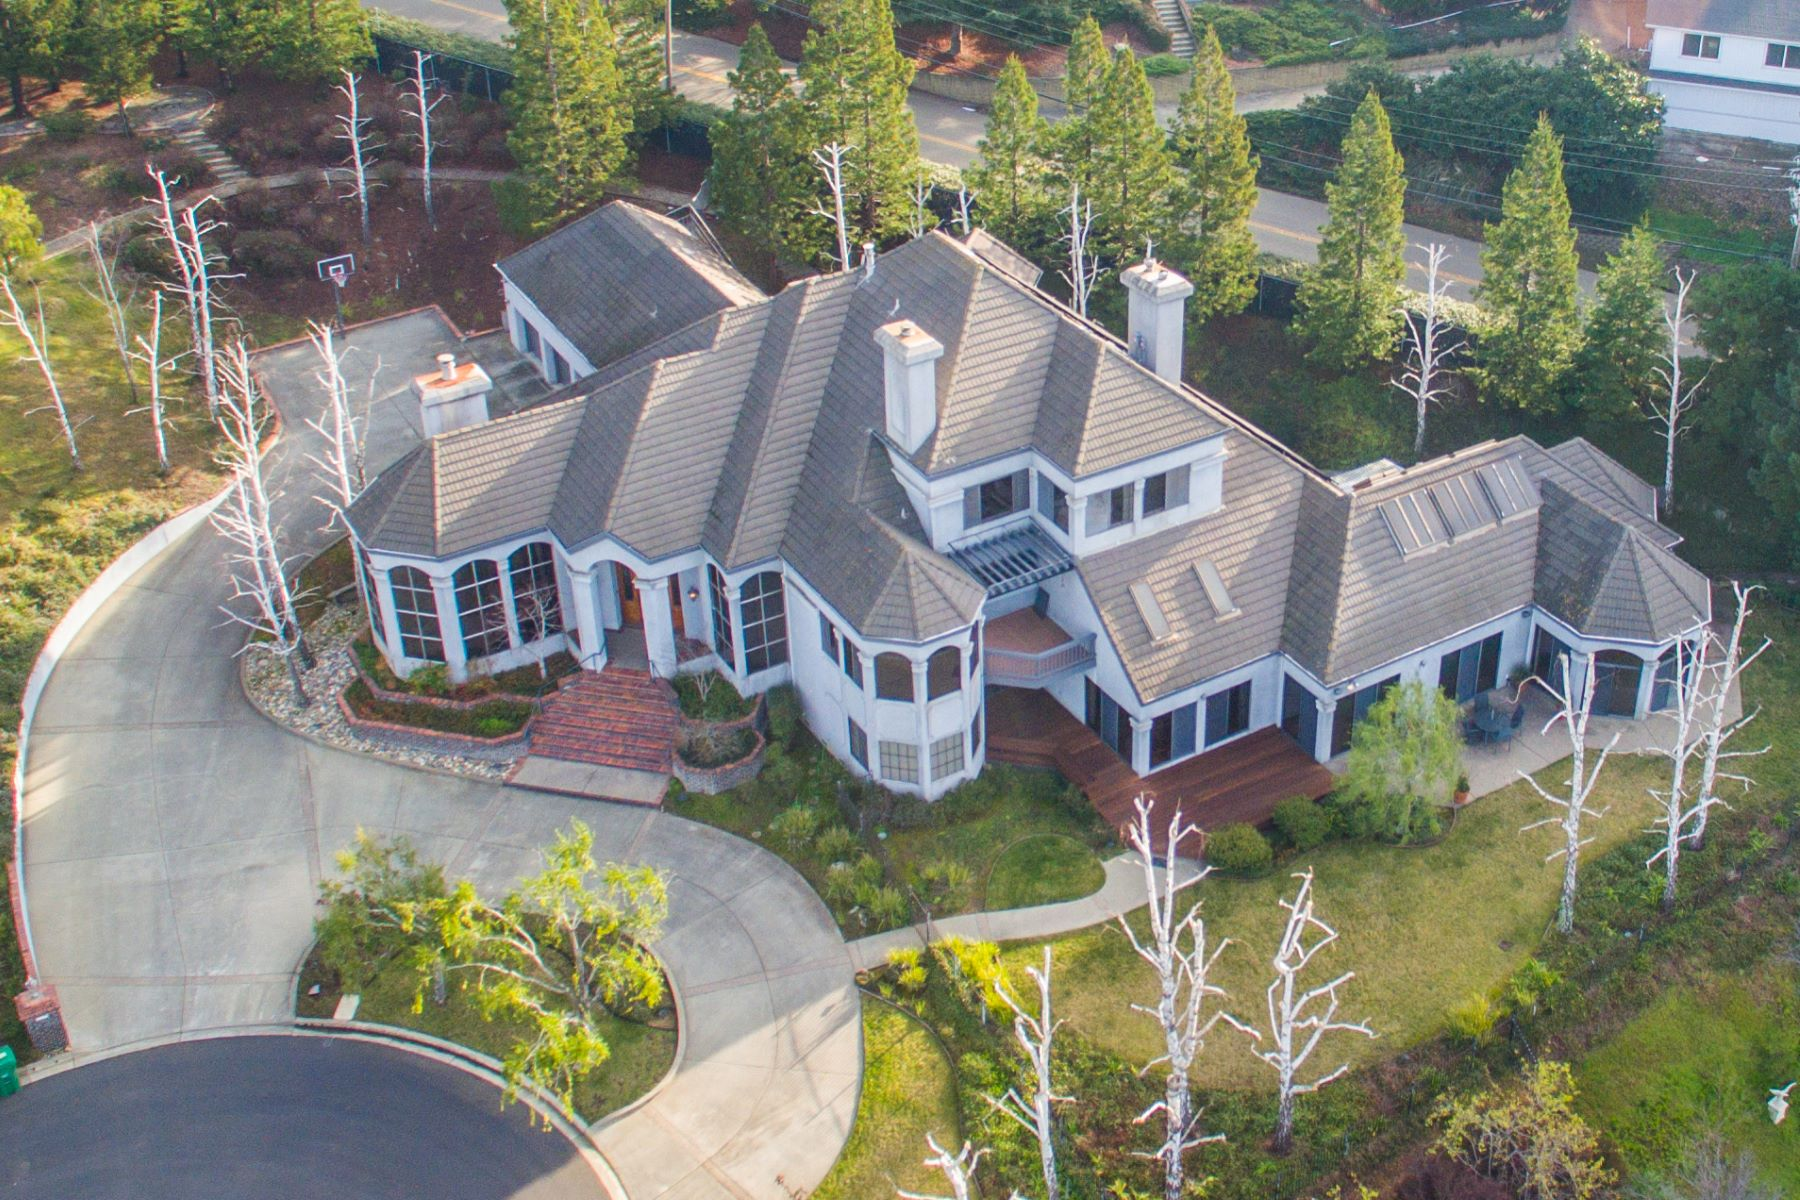 Частный односемейный дом для того Продажа на 4099 Oak Manor Ct. Hayward, Калифорния 94542 Соединенные Штаты